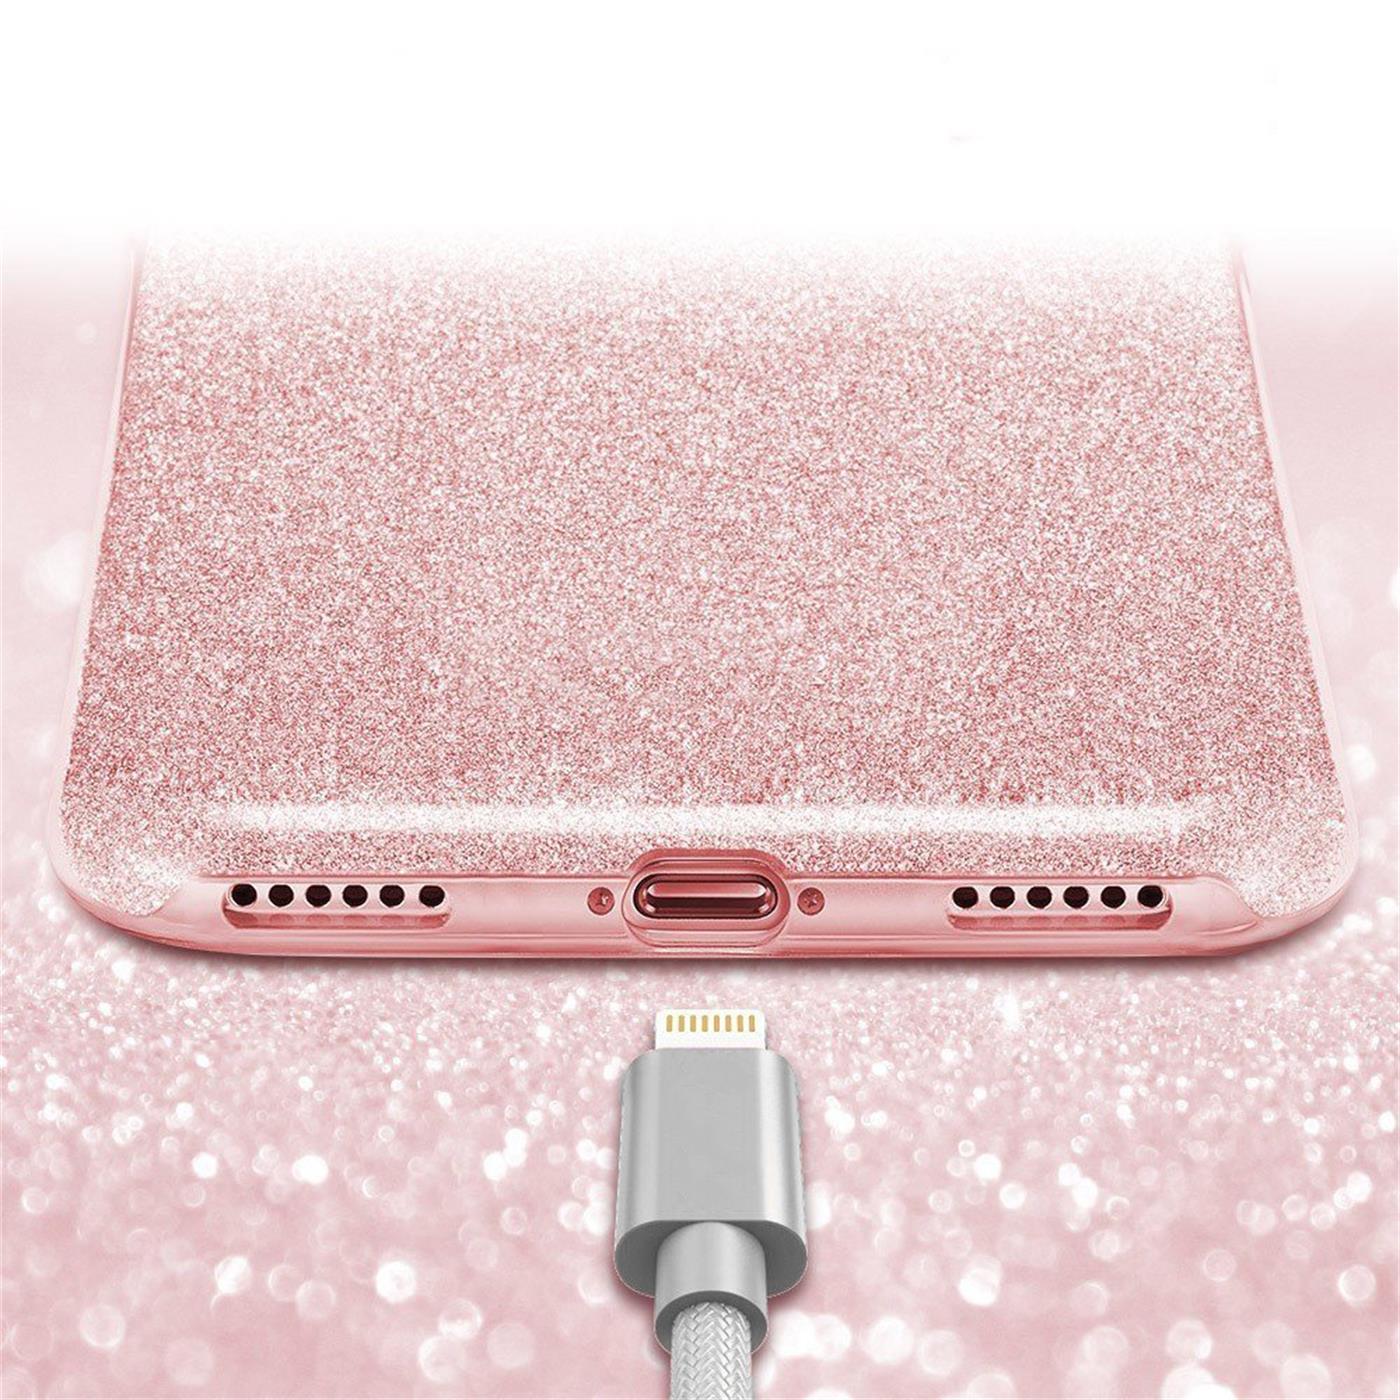 Handy-Glitzer-Huelle-fuer-Apple-iPhone-Slim-TPU-Cover-Case-Silikon-Schutz-Tasche Indexbild 14